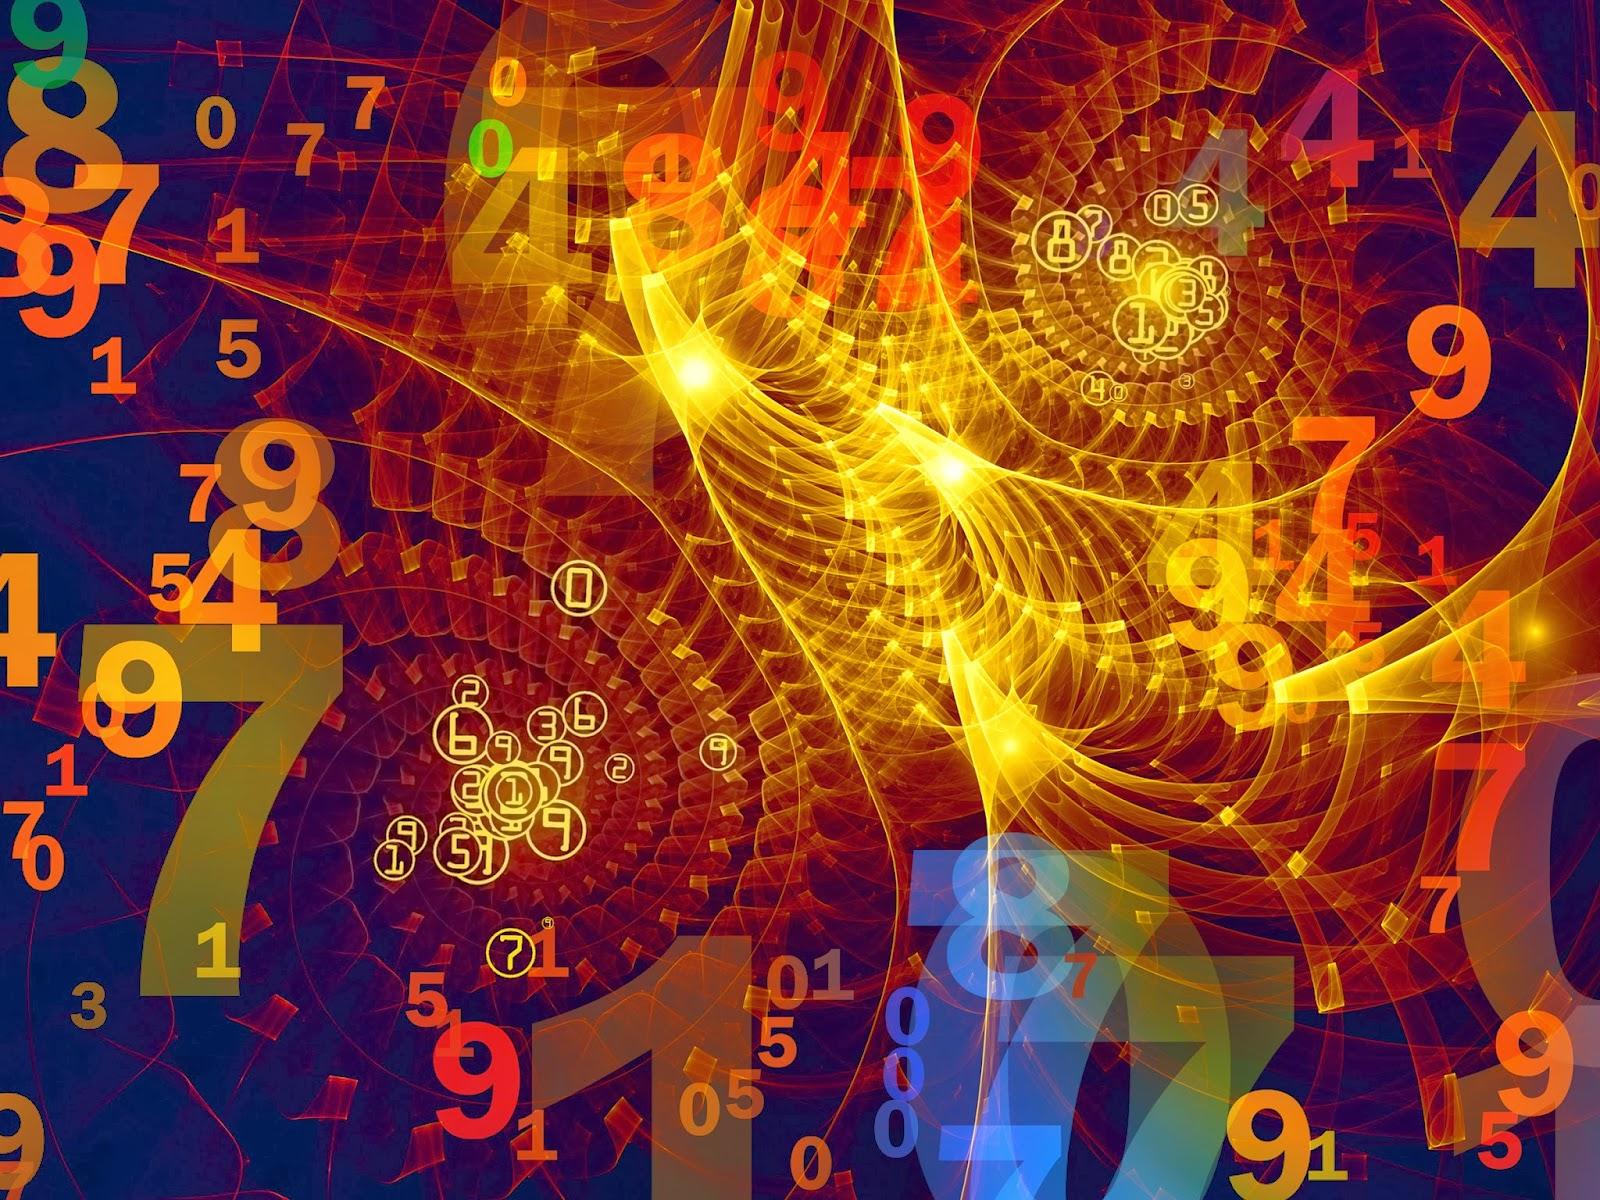 4 Cara Menghitung Dan Mengetahui Angka Keberuntungan DP Bbm Aneh